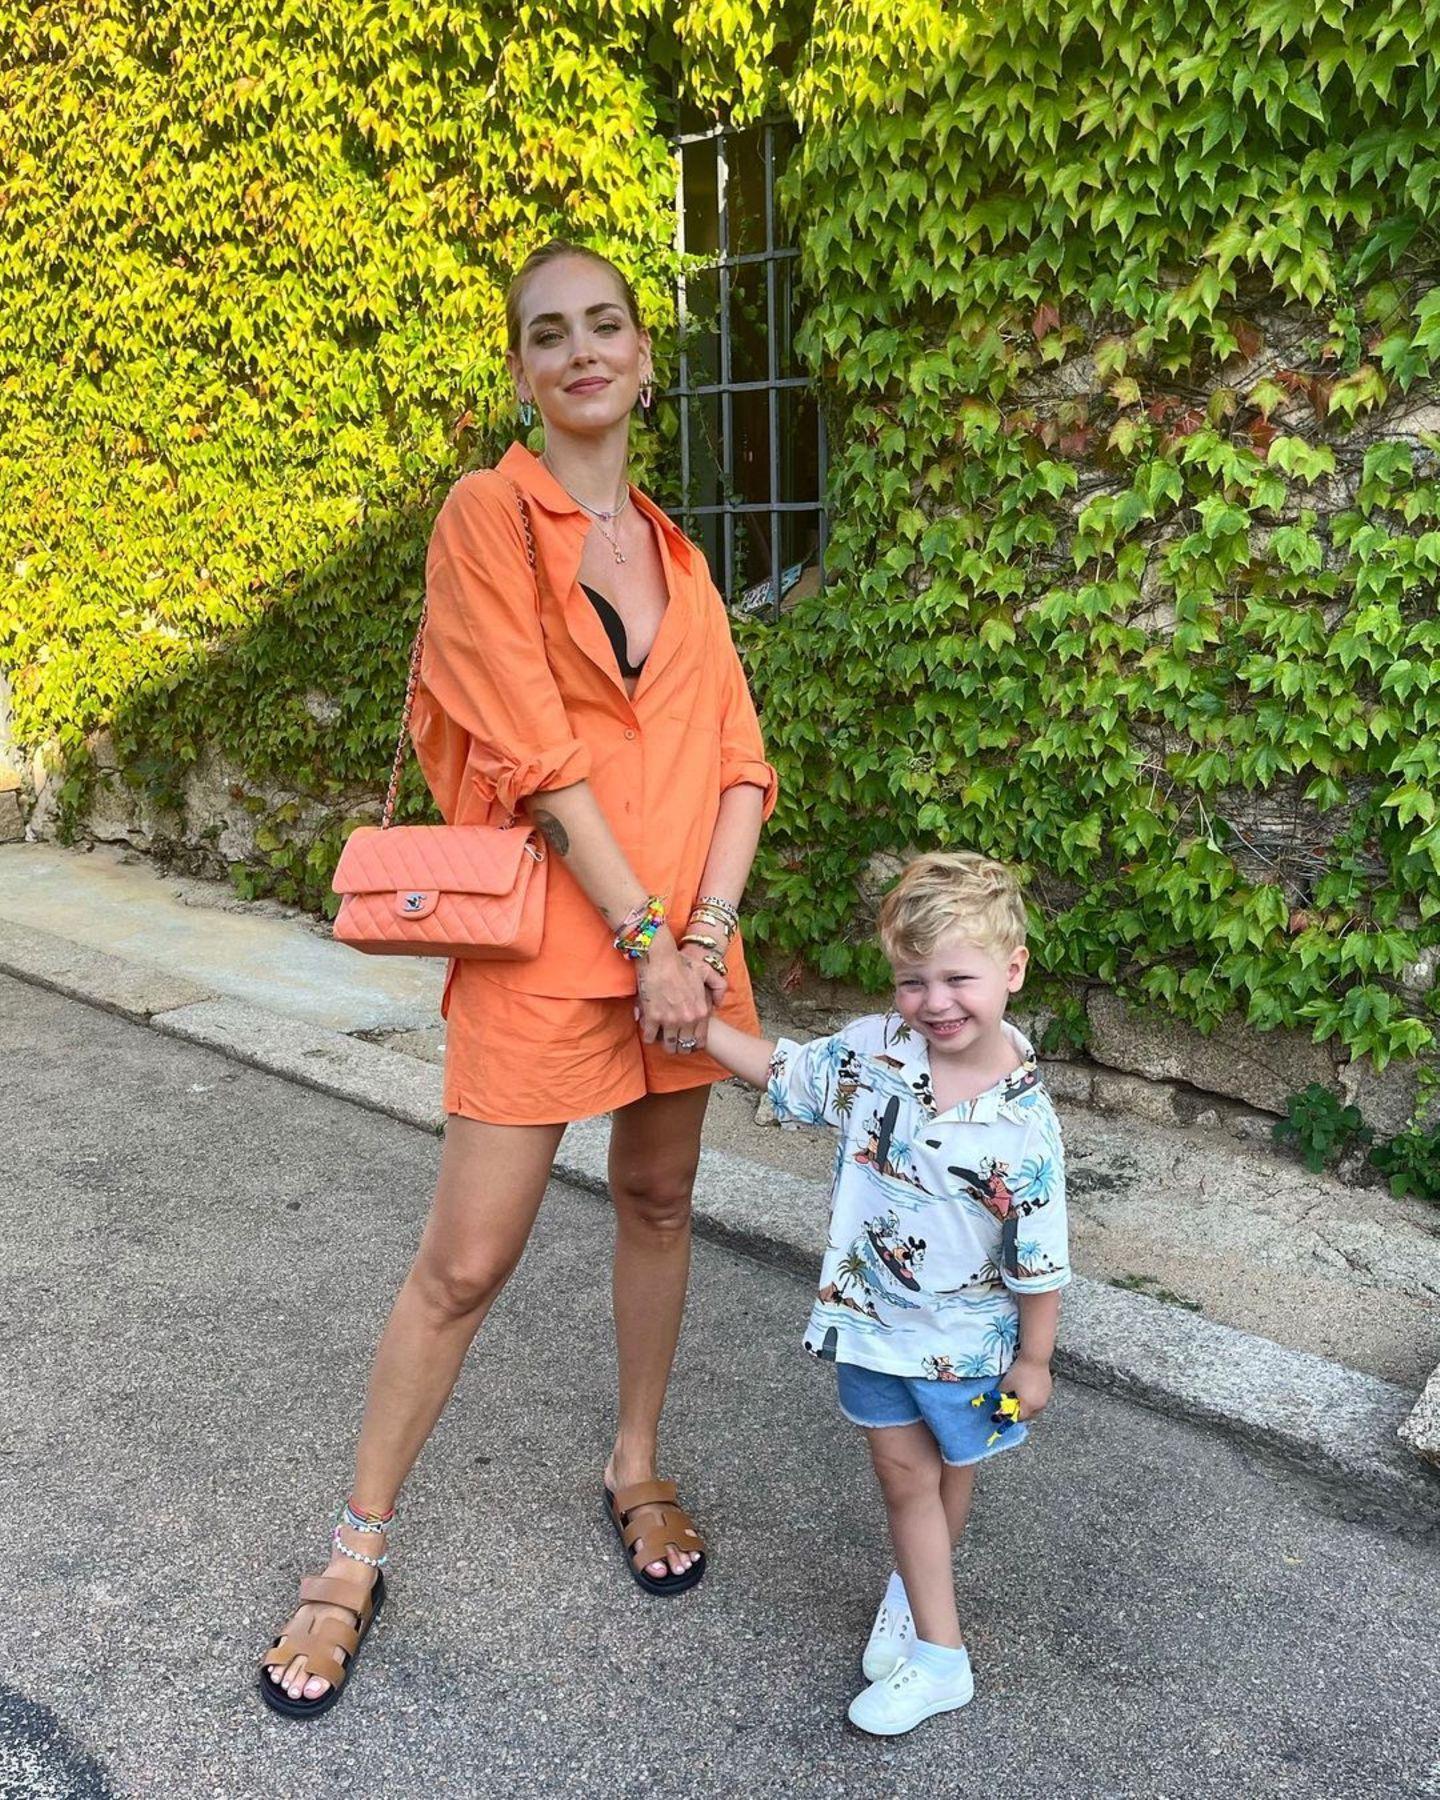 Der Apfel fällt hier definitiv nicht weit vom Stamm. Leo, der kleine Sohn von Chiara Ferragni, bietet nicht nur einen süßen Anblick dank seines Outfits bestehend aus Jeansshorts und Hawaiihemd, auch in Sachen Posing steht er seiner Mama in nichts nach.